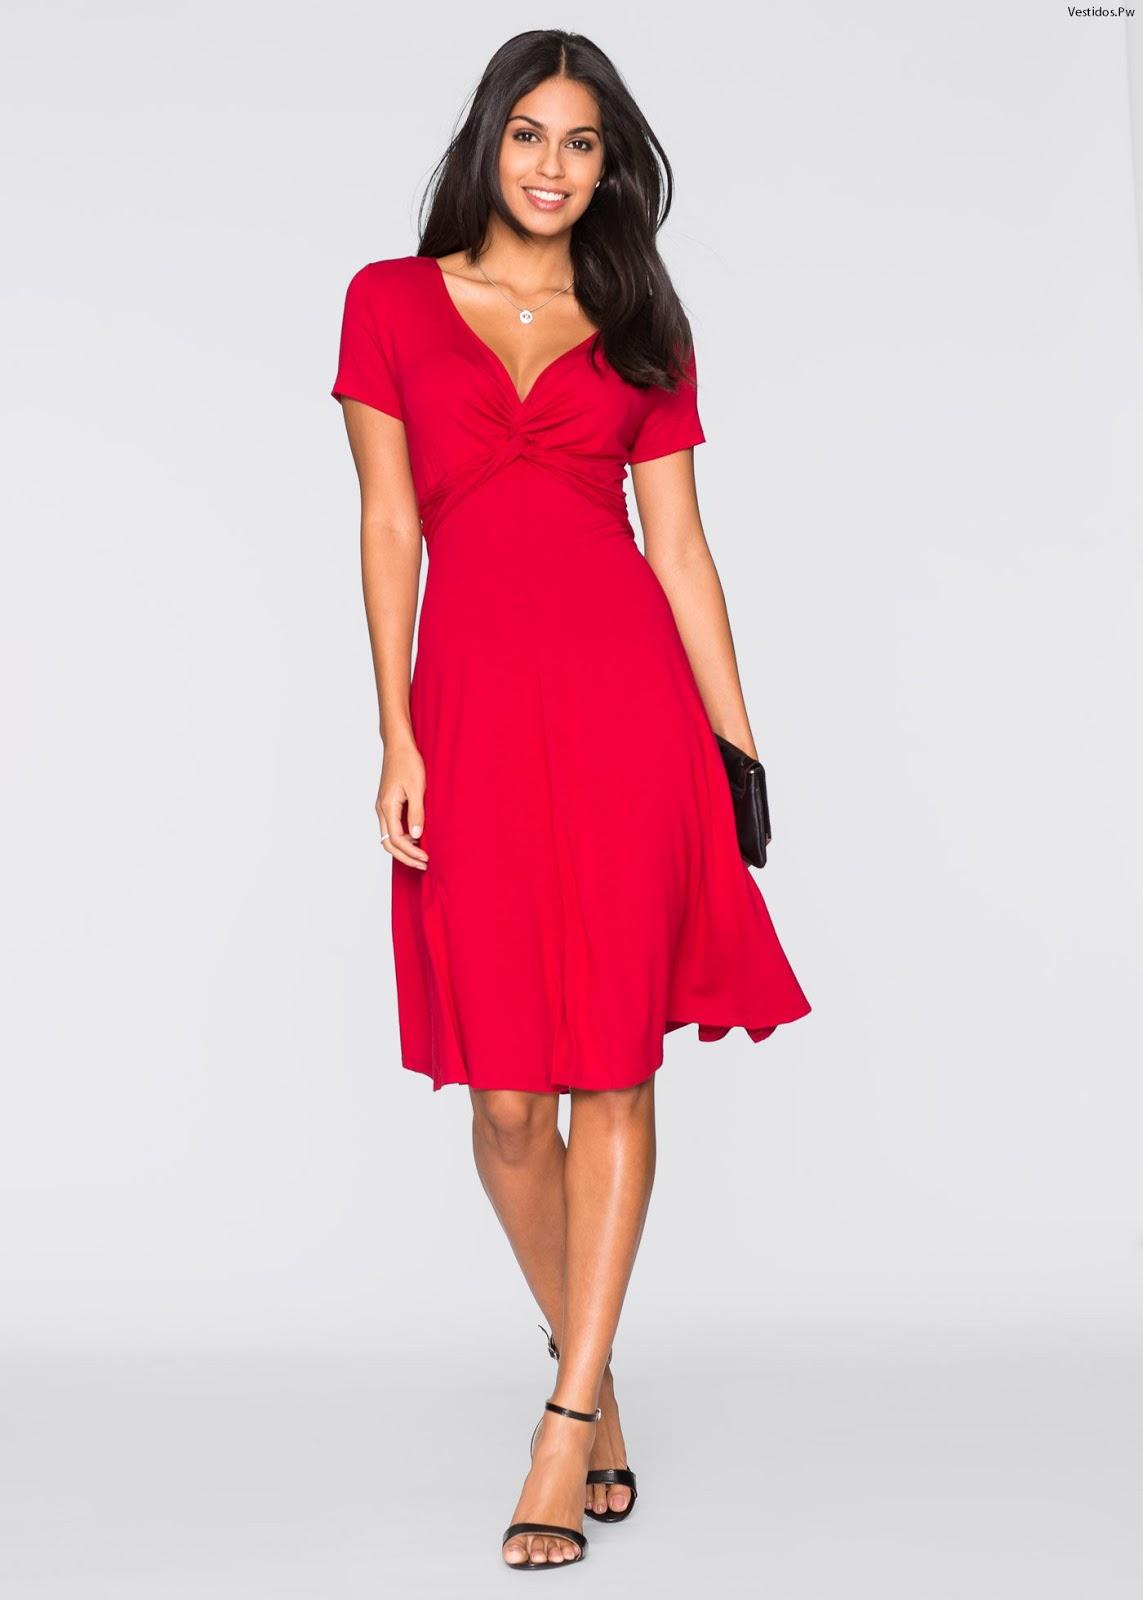 Vestidos para bodas rojos cortos